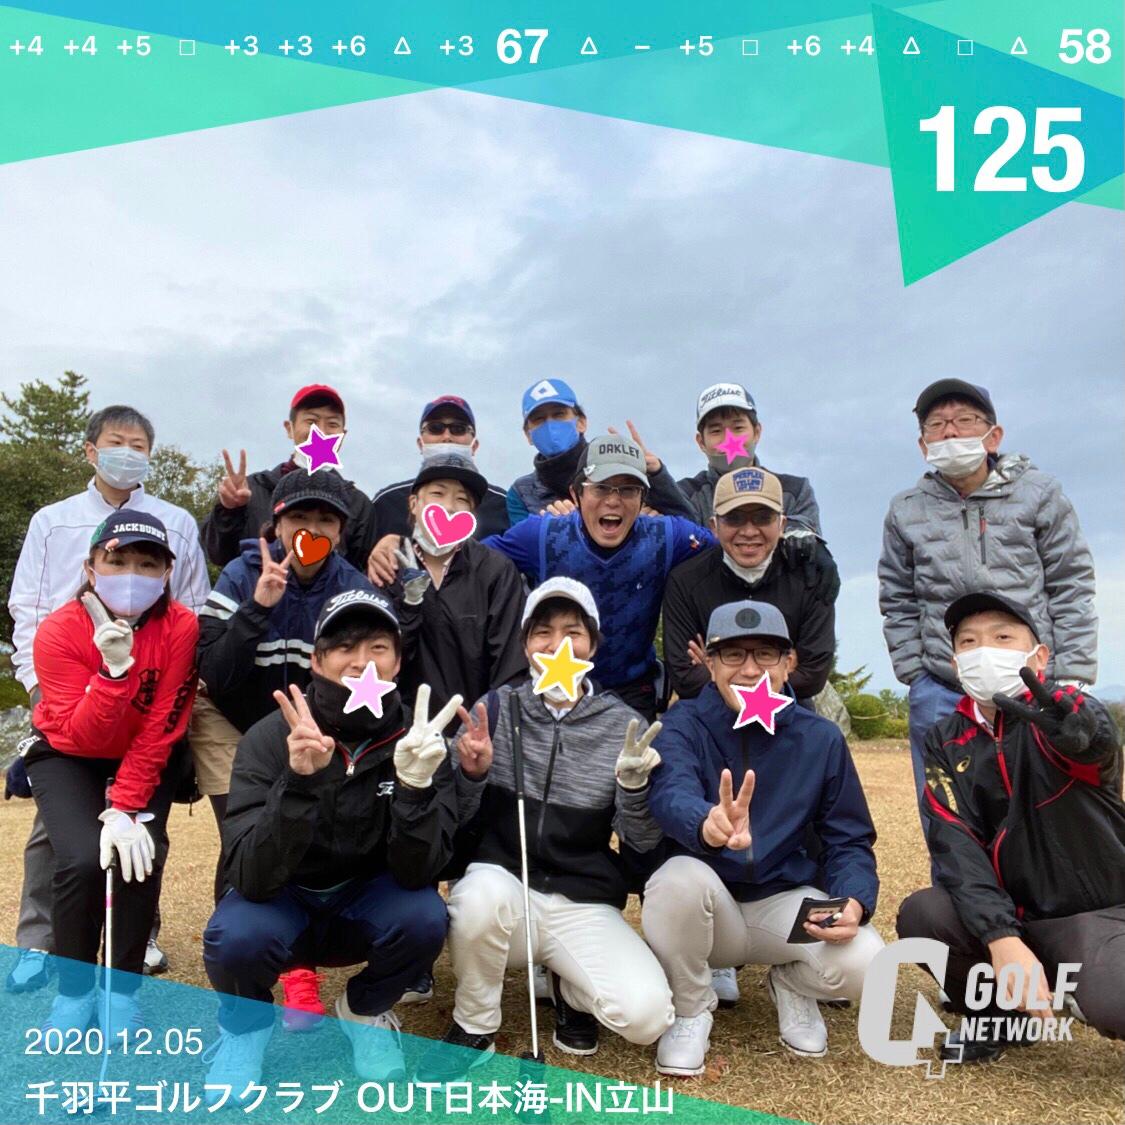 f:id:sakuya_golf:20201206163202j:plain